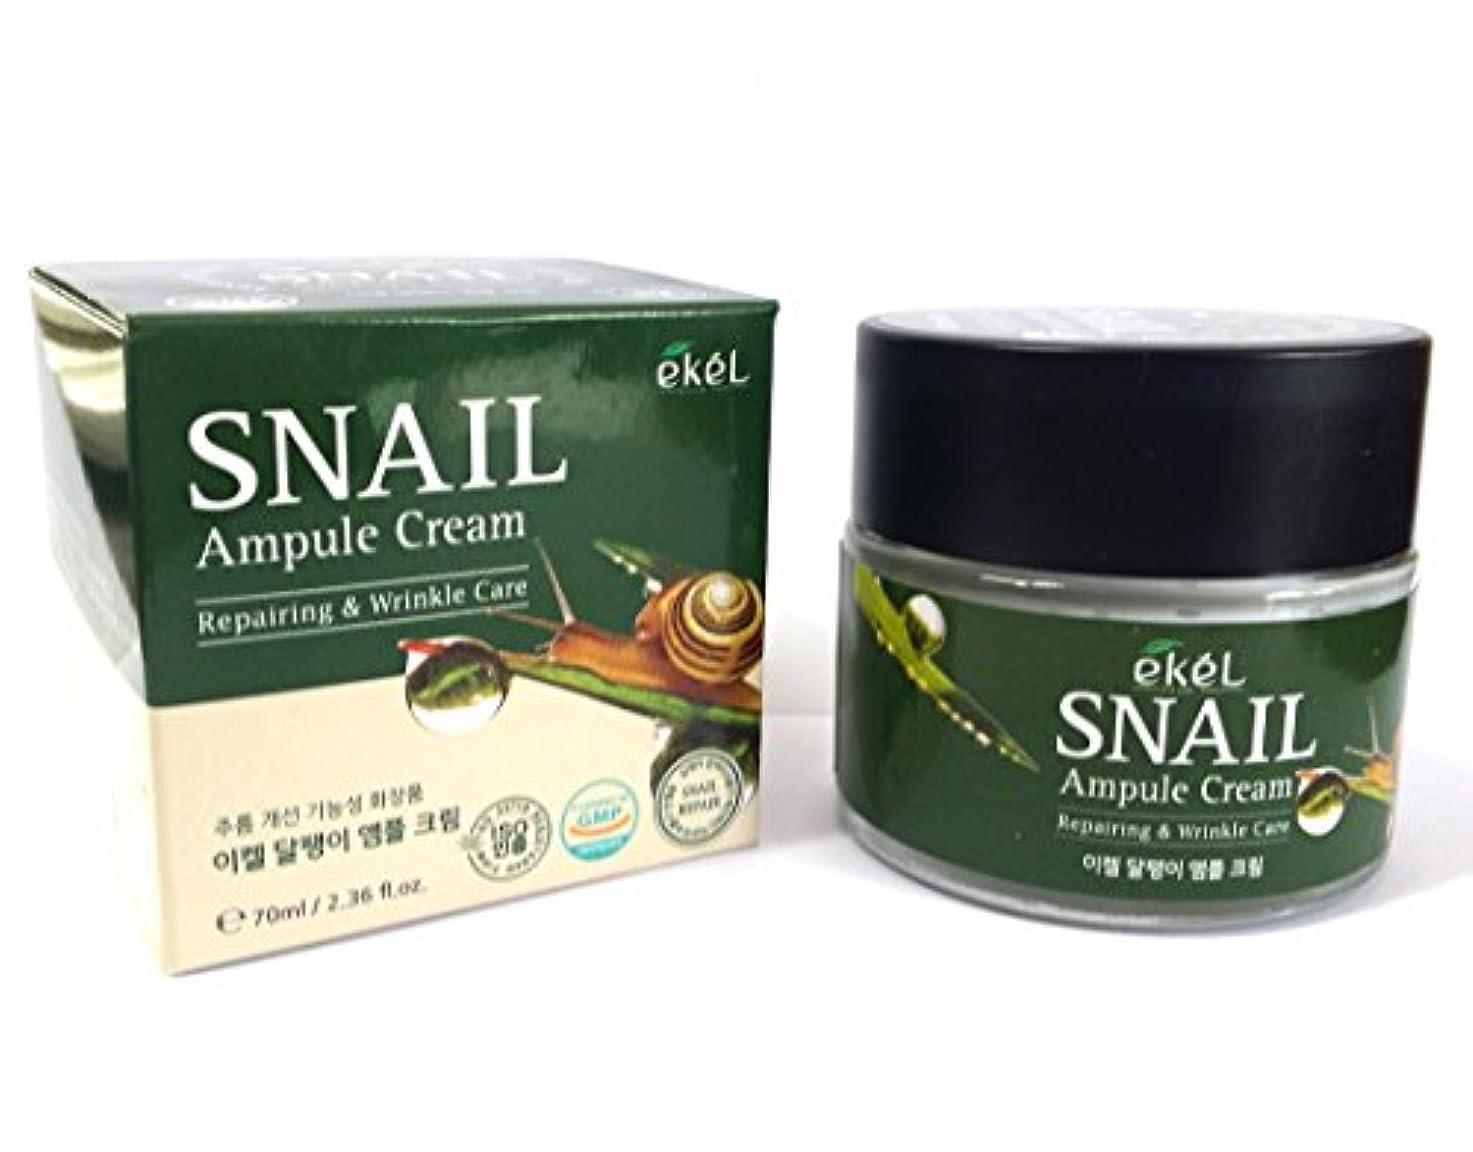 枯渇する威信船乗り[EKEL] カタツムリアンプルクリーム70ml / Snail Ampule Cream 70ml / / リペアリング&リンクルケア / ハイドレーティングクリーム / Repairing & Wrinkle Care...